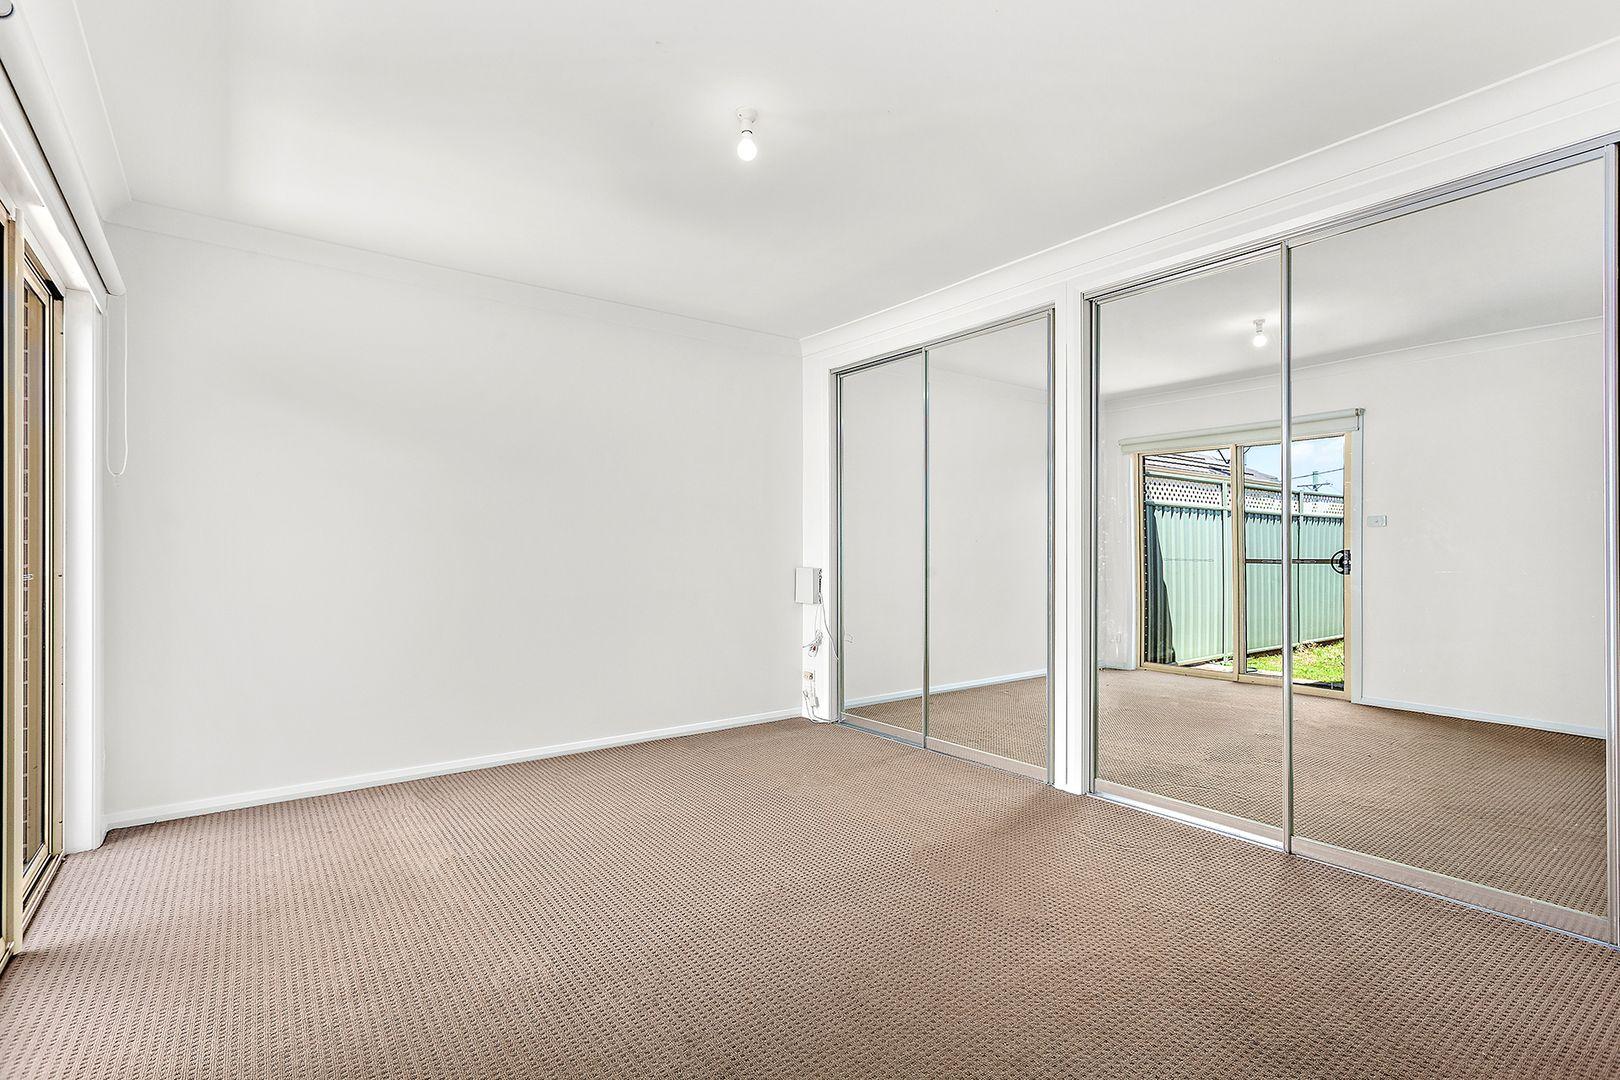 2/69 Midgley Street, Corrimal NSW 2518, Image 1